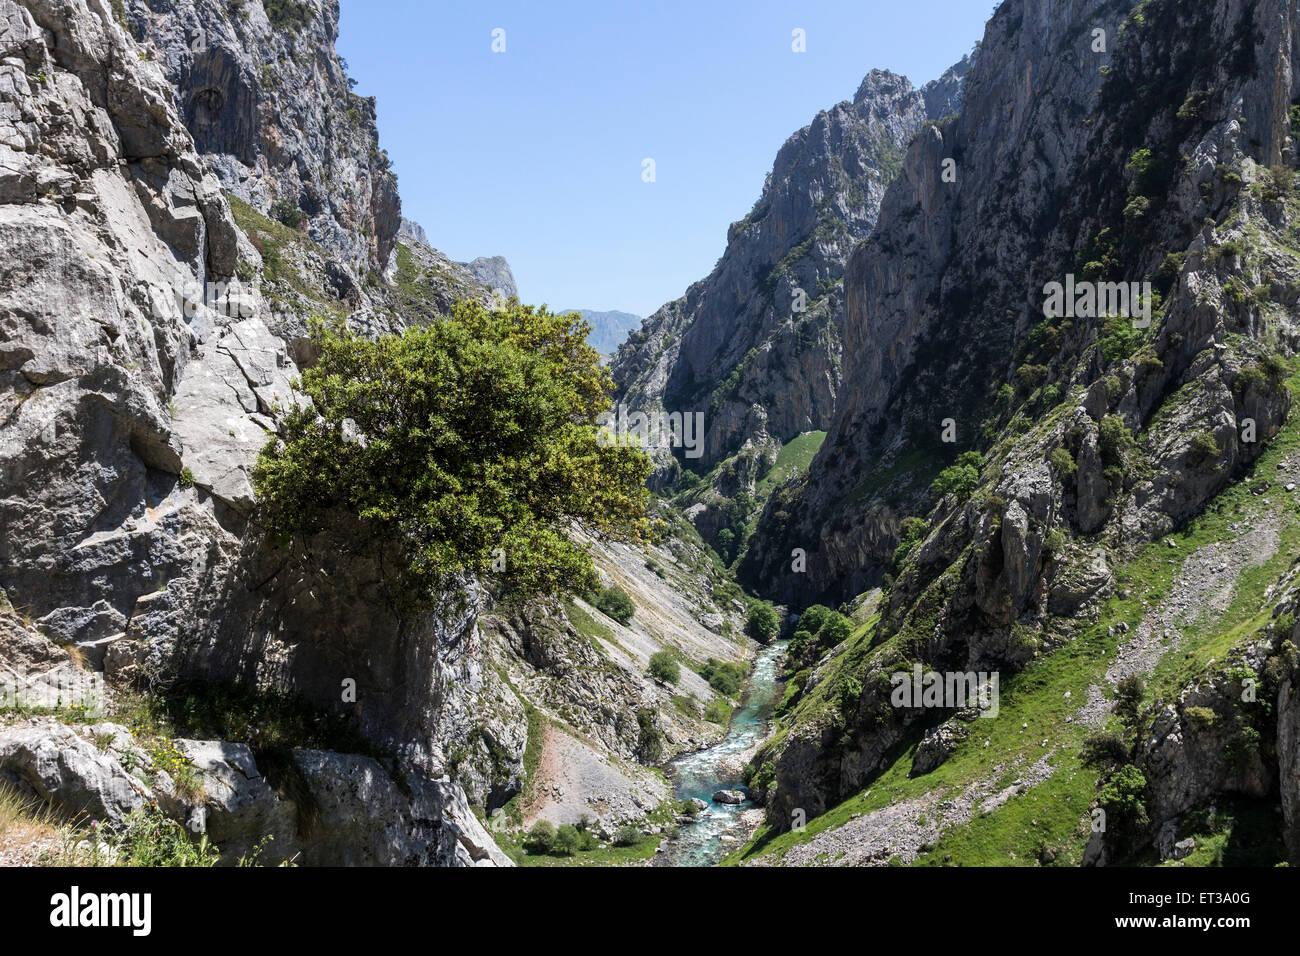 The Cares Gorge Picos De Europa Cordillera Cantabria Spain - Stock Image